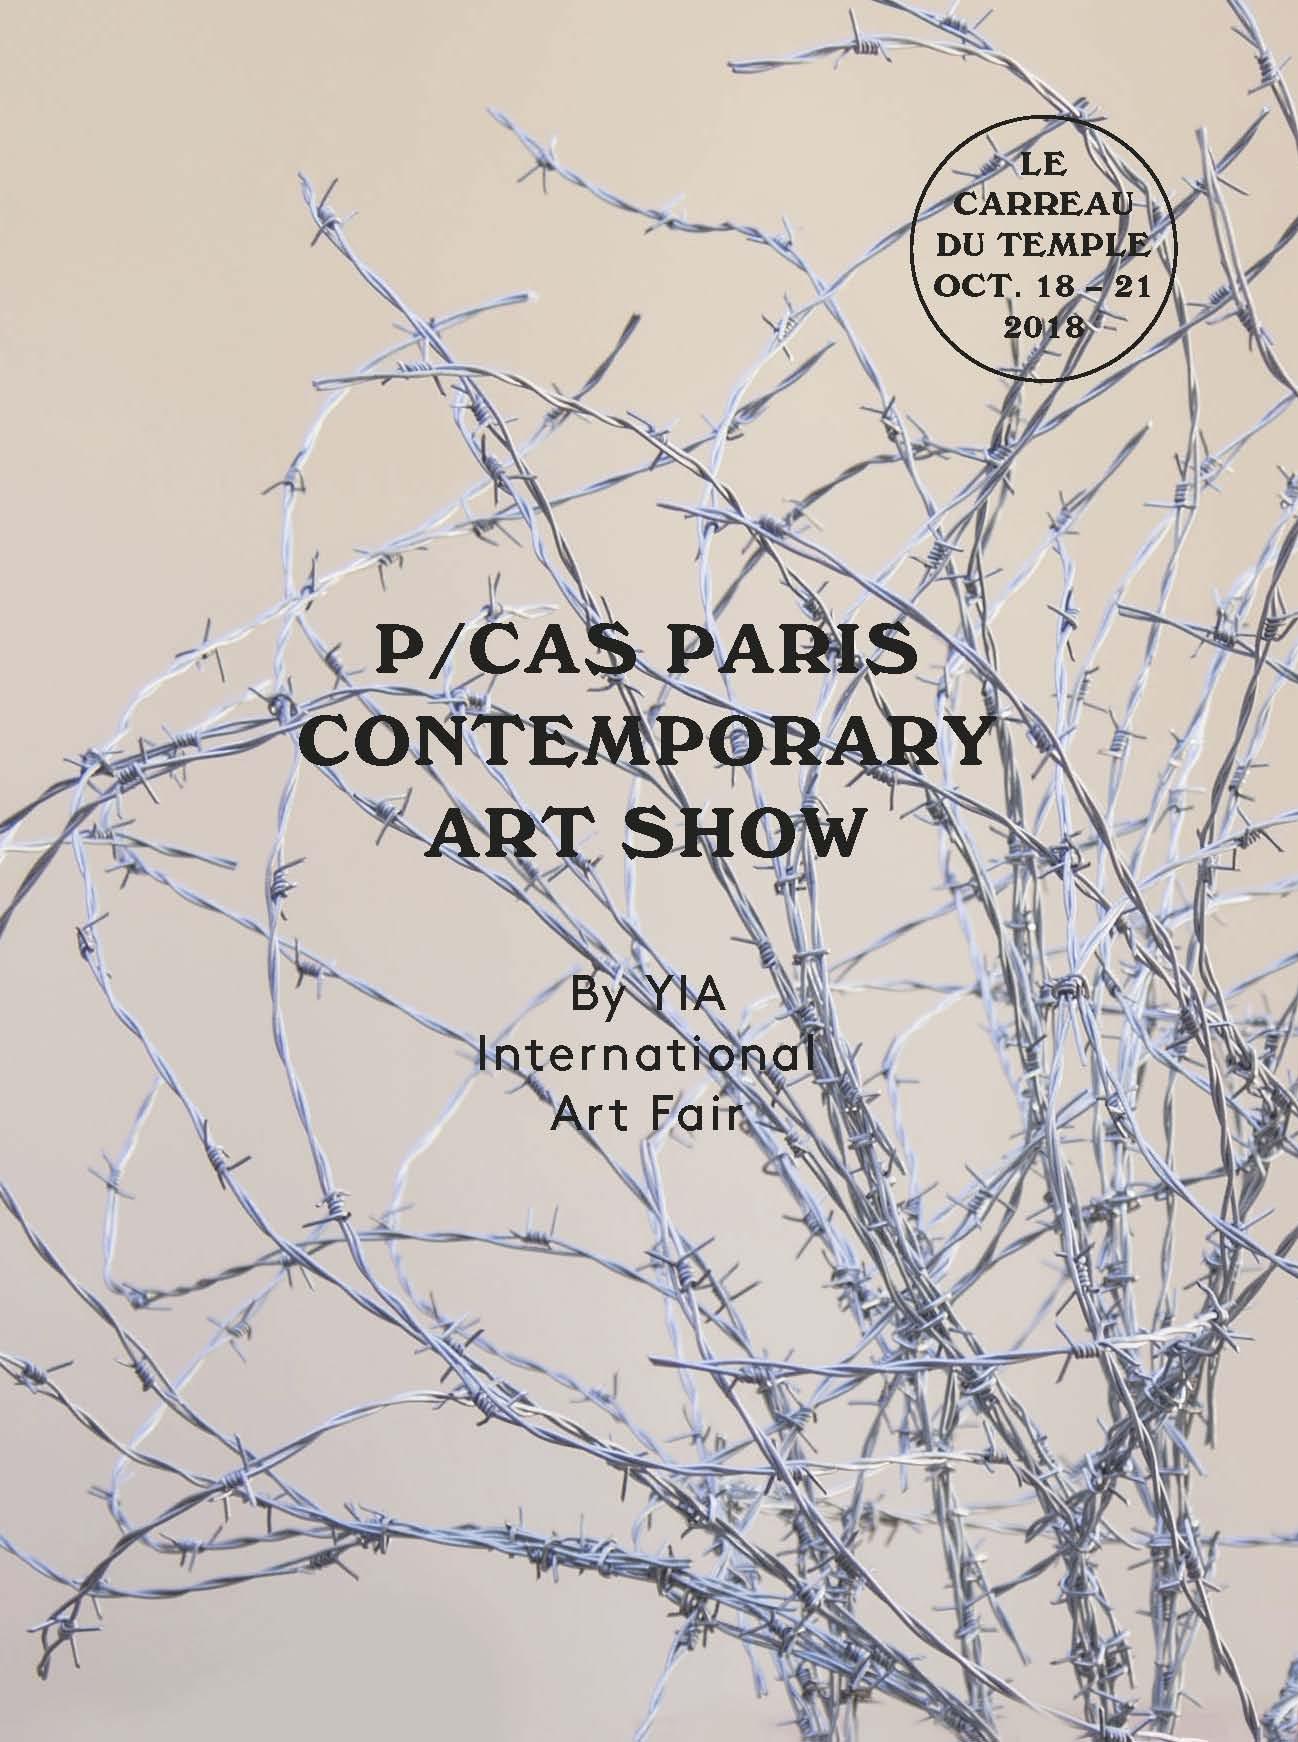 Paris Contemporary Art Show